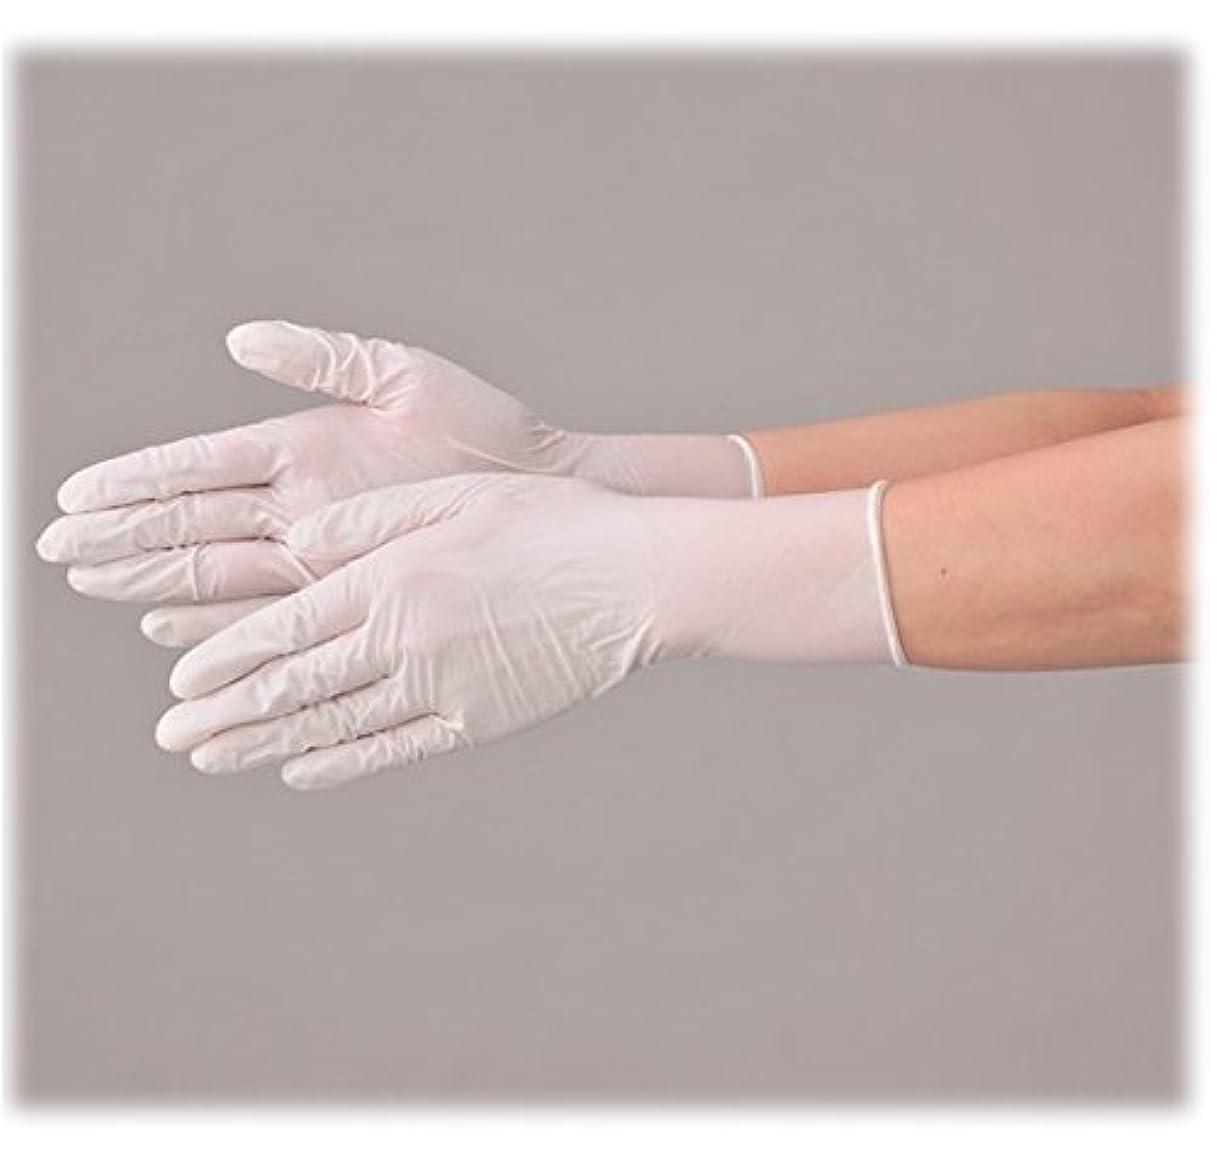 修道院団結する懲らしめ使い捨て 手袋 エブノ 531 ニトリルNEO ホワイト Lサイズ パウダー付き 2ケース(100枚×60箱)